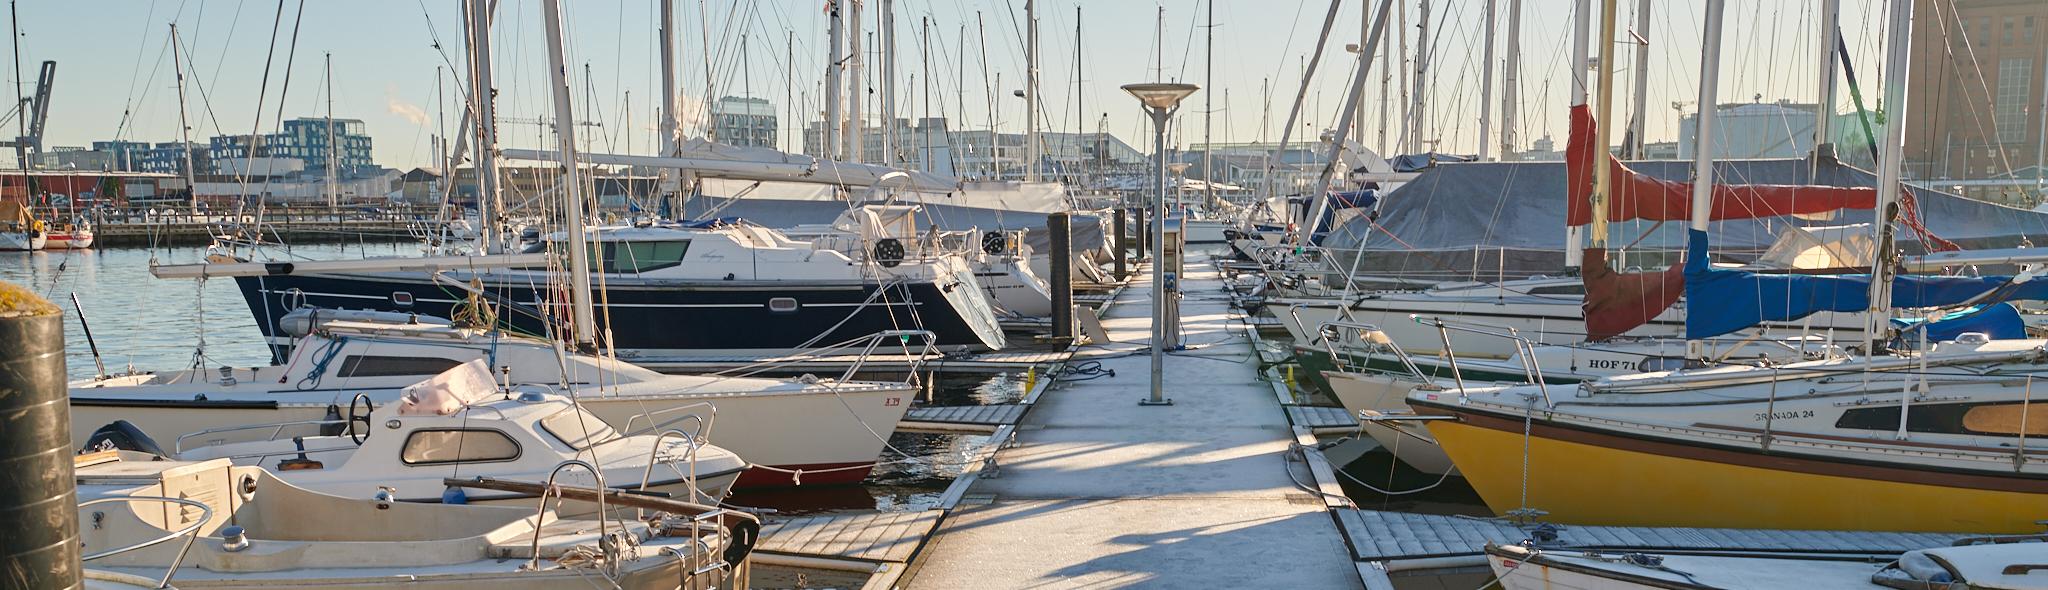 Vinter i Svanemøllehavnen